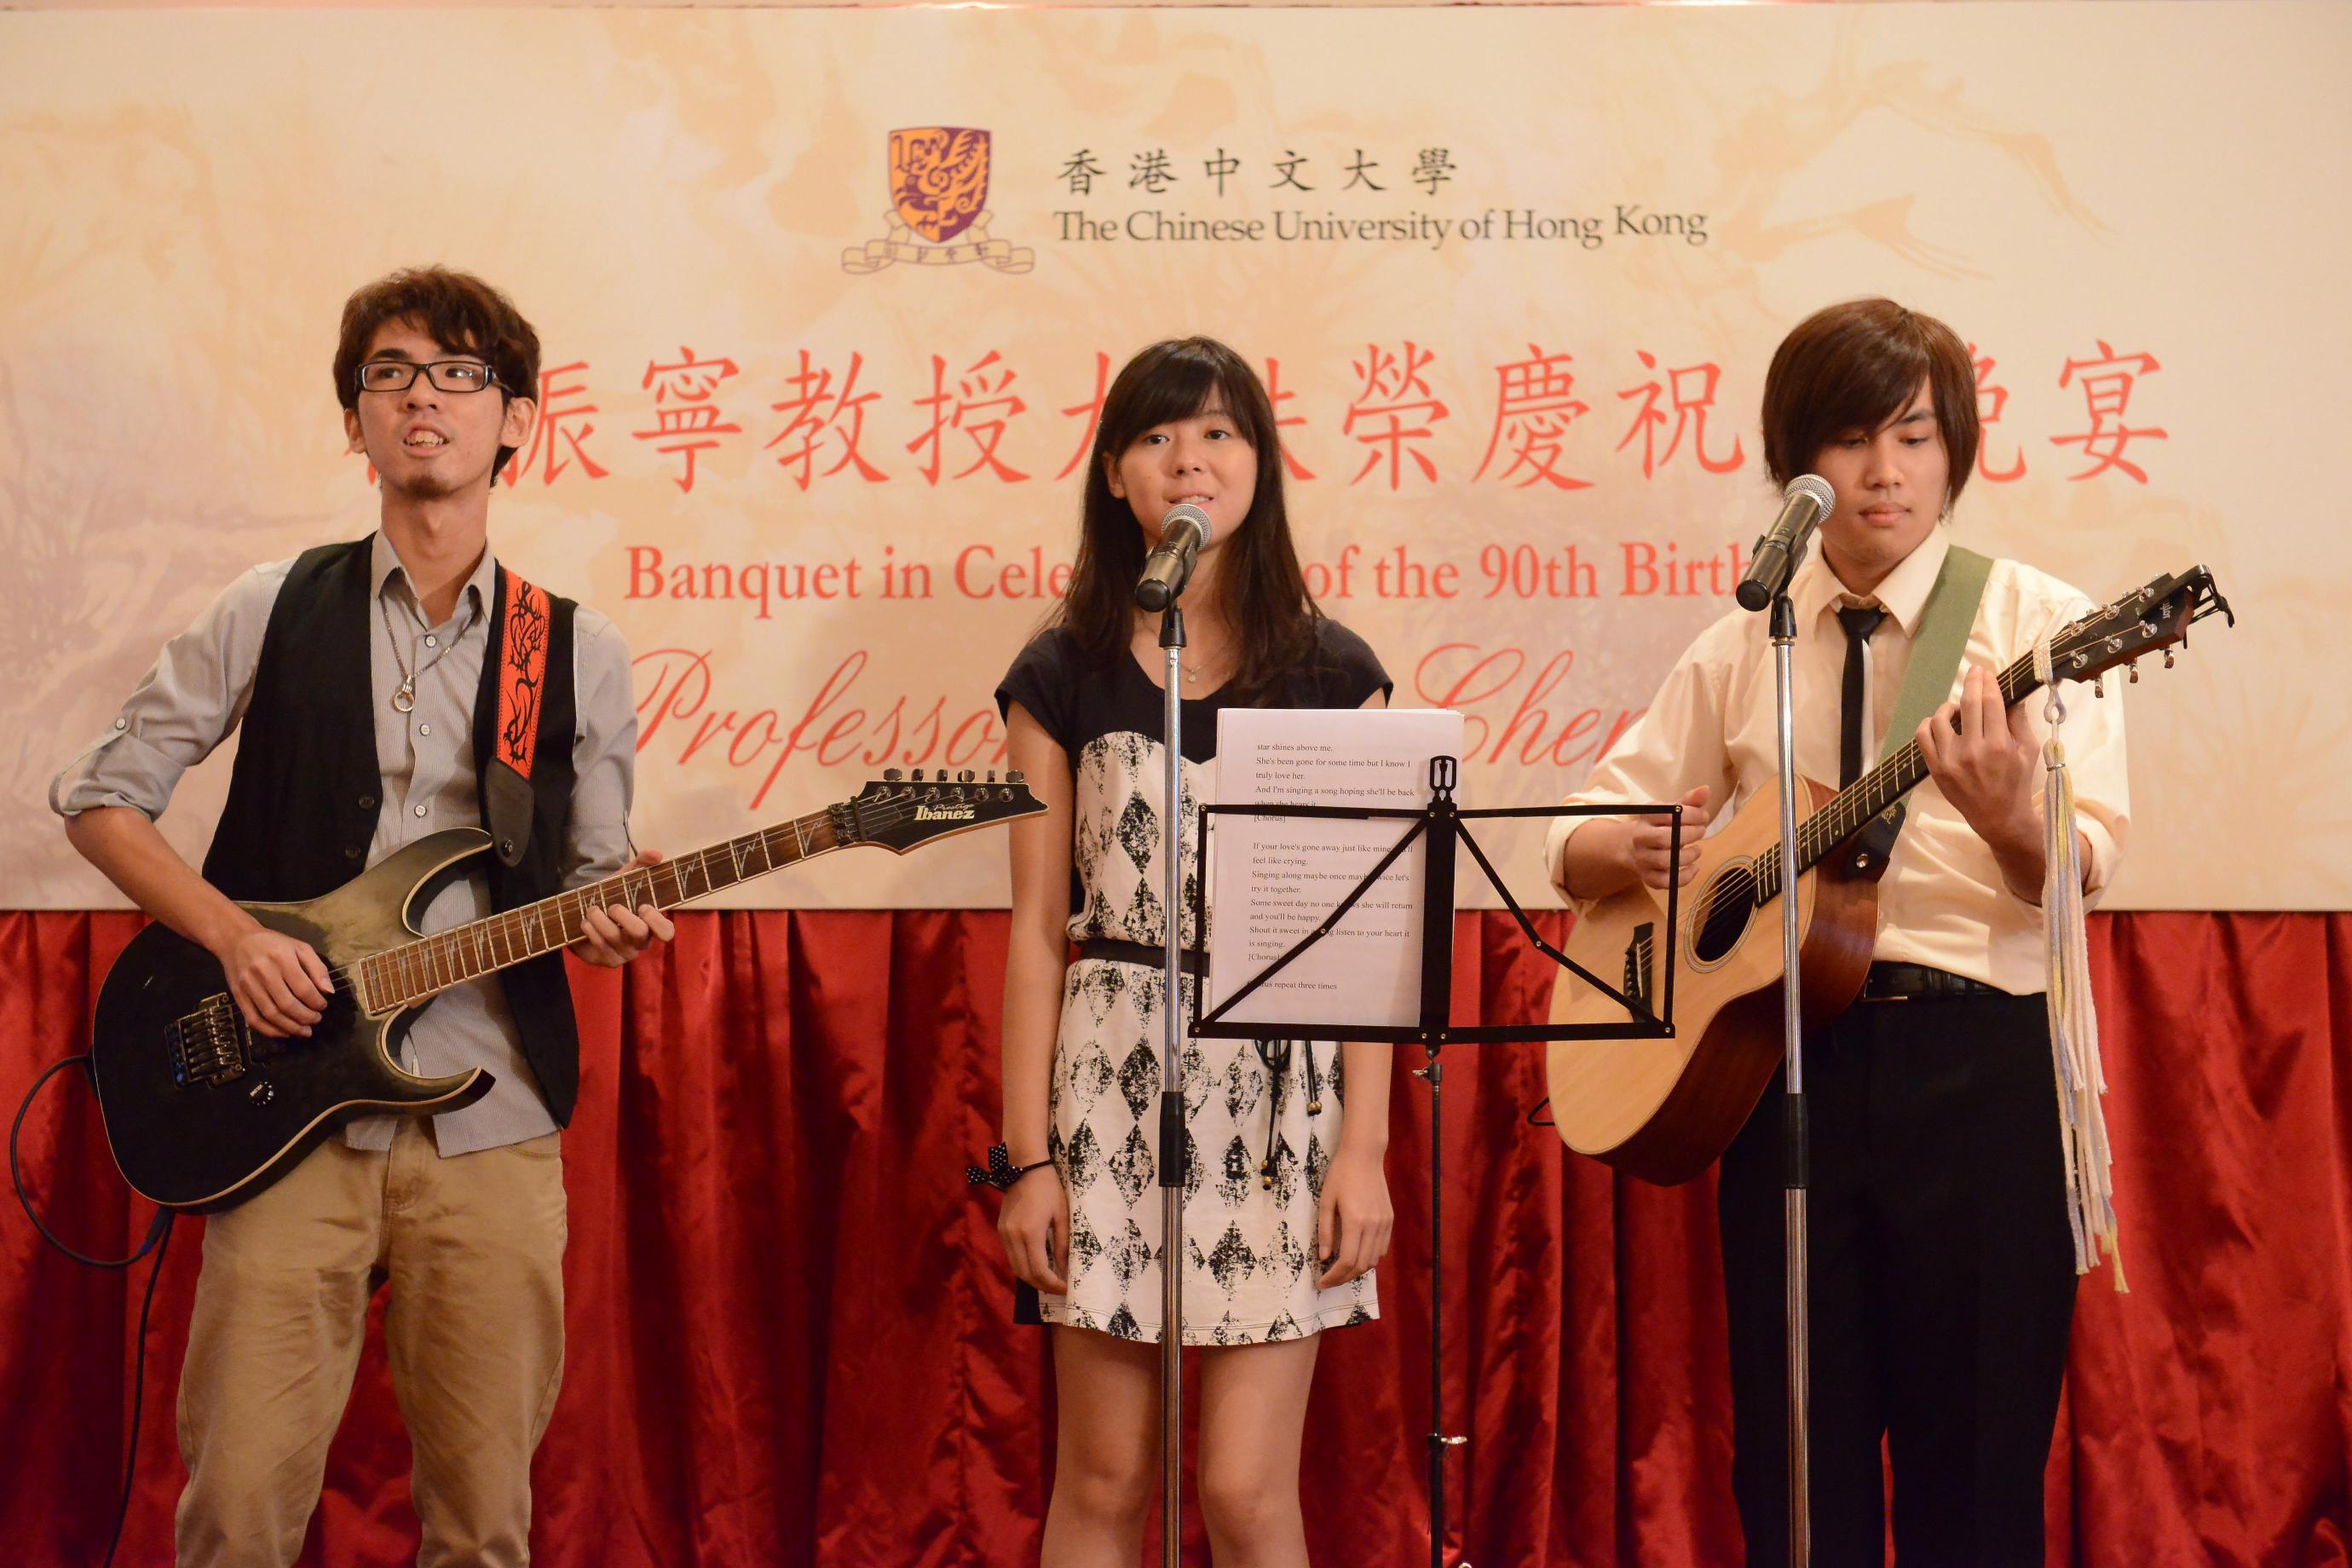 中大物理系學生向楊教授獻上音樂表演。